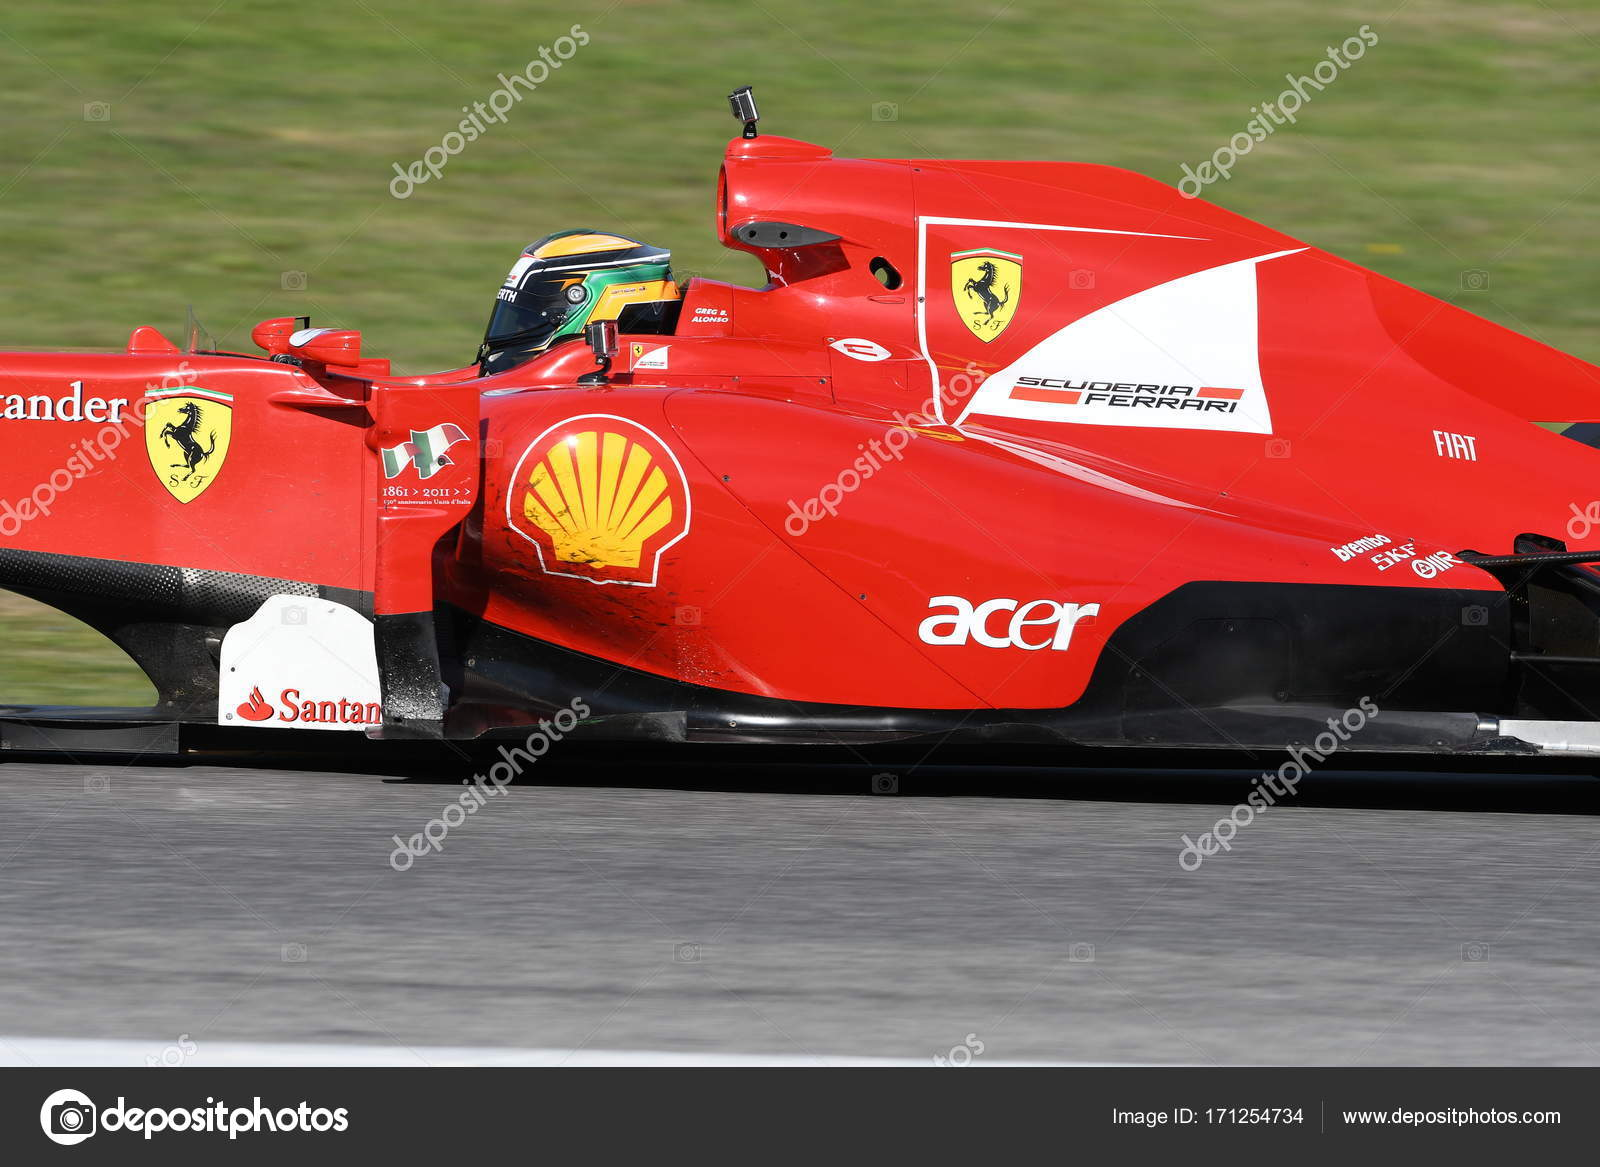 Circuito Del Mugello : Mugello esso ottobre 2017: moderna epoca ferrari f1 sul circuito